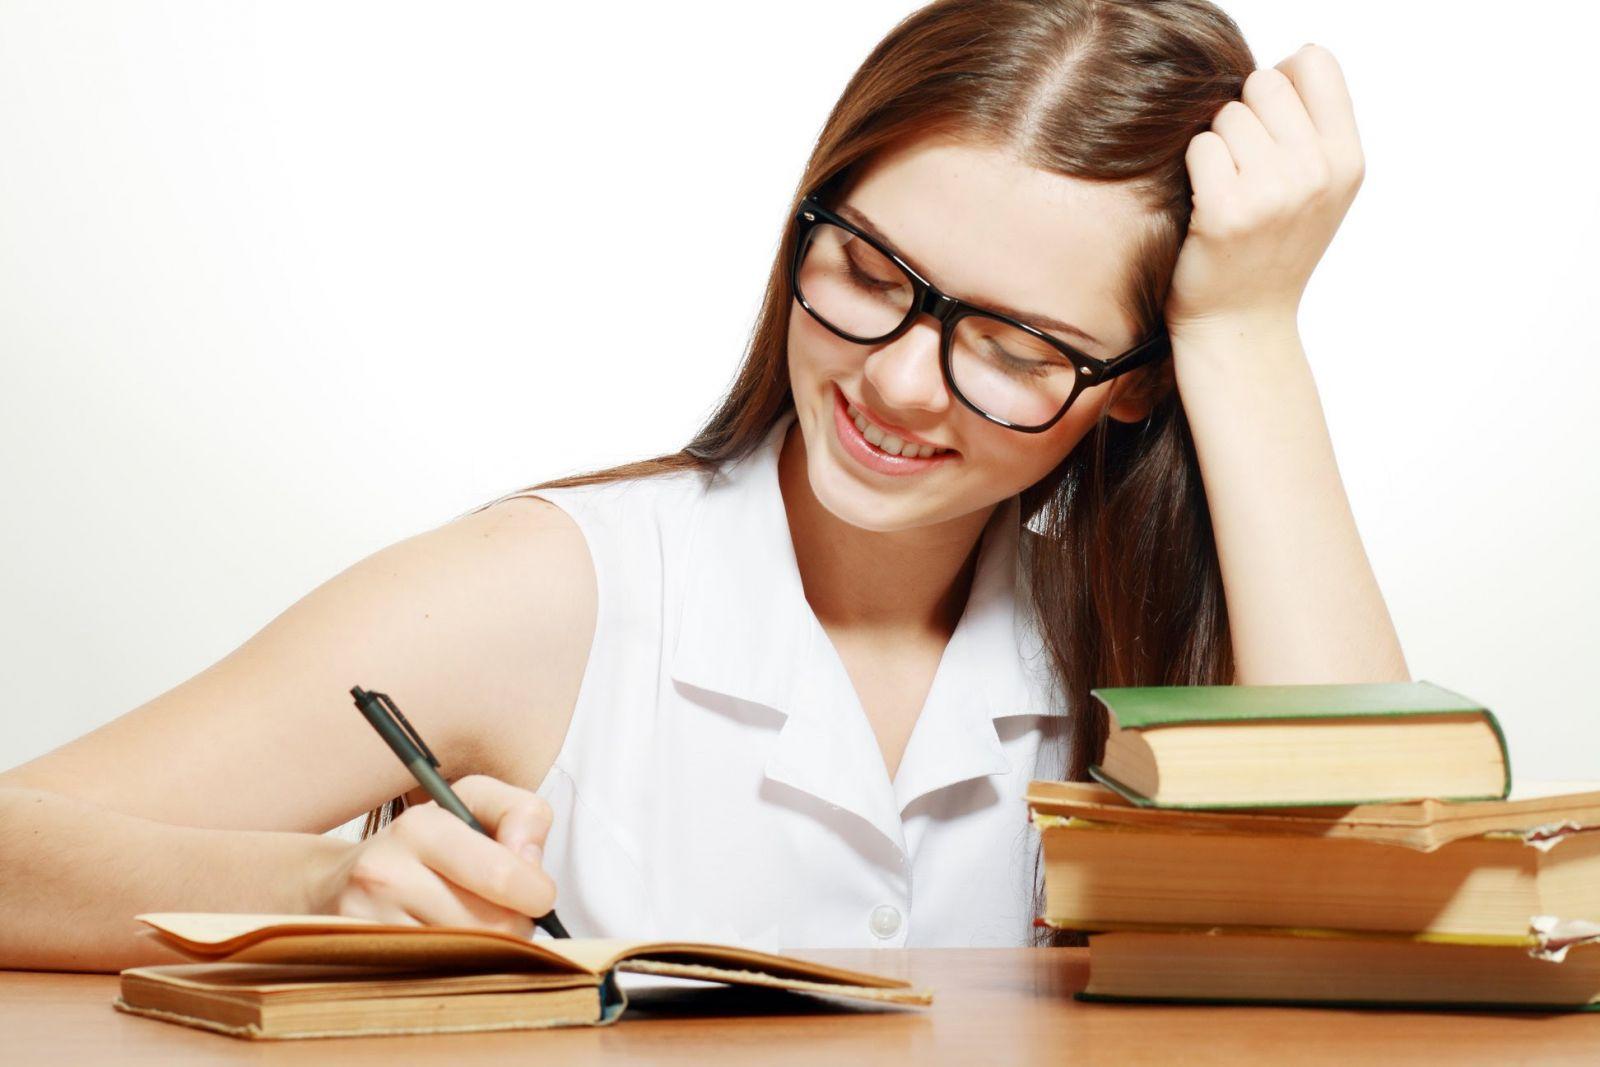 Nếu đang chán nản với việc học tập, đây chính là bí quyết lấy lại cảm hứng không thể bỏ qua - Ảnh 2.